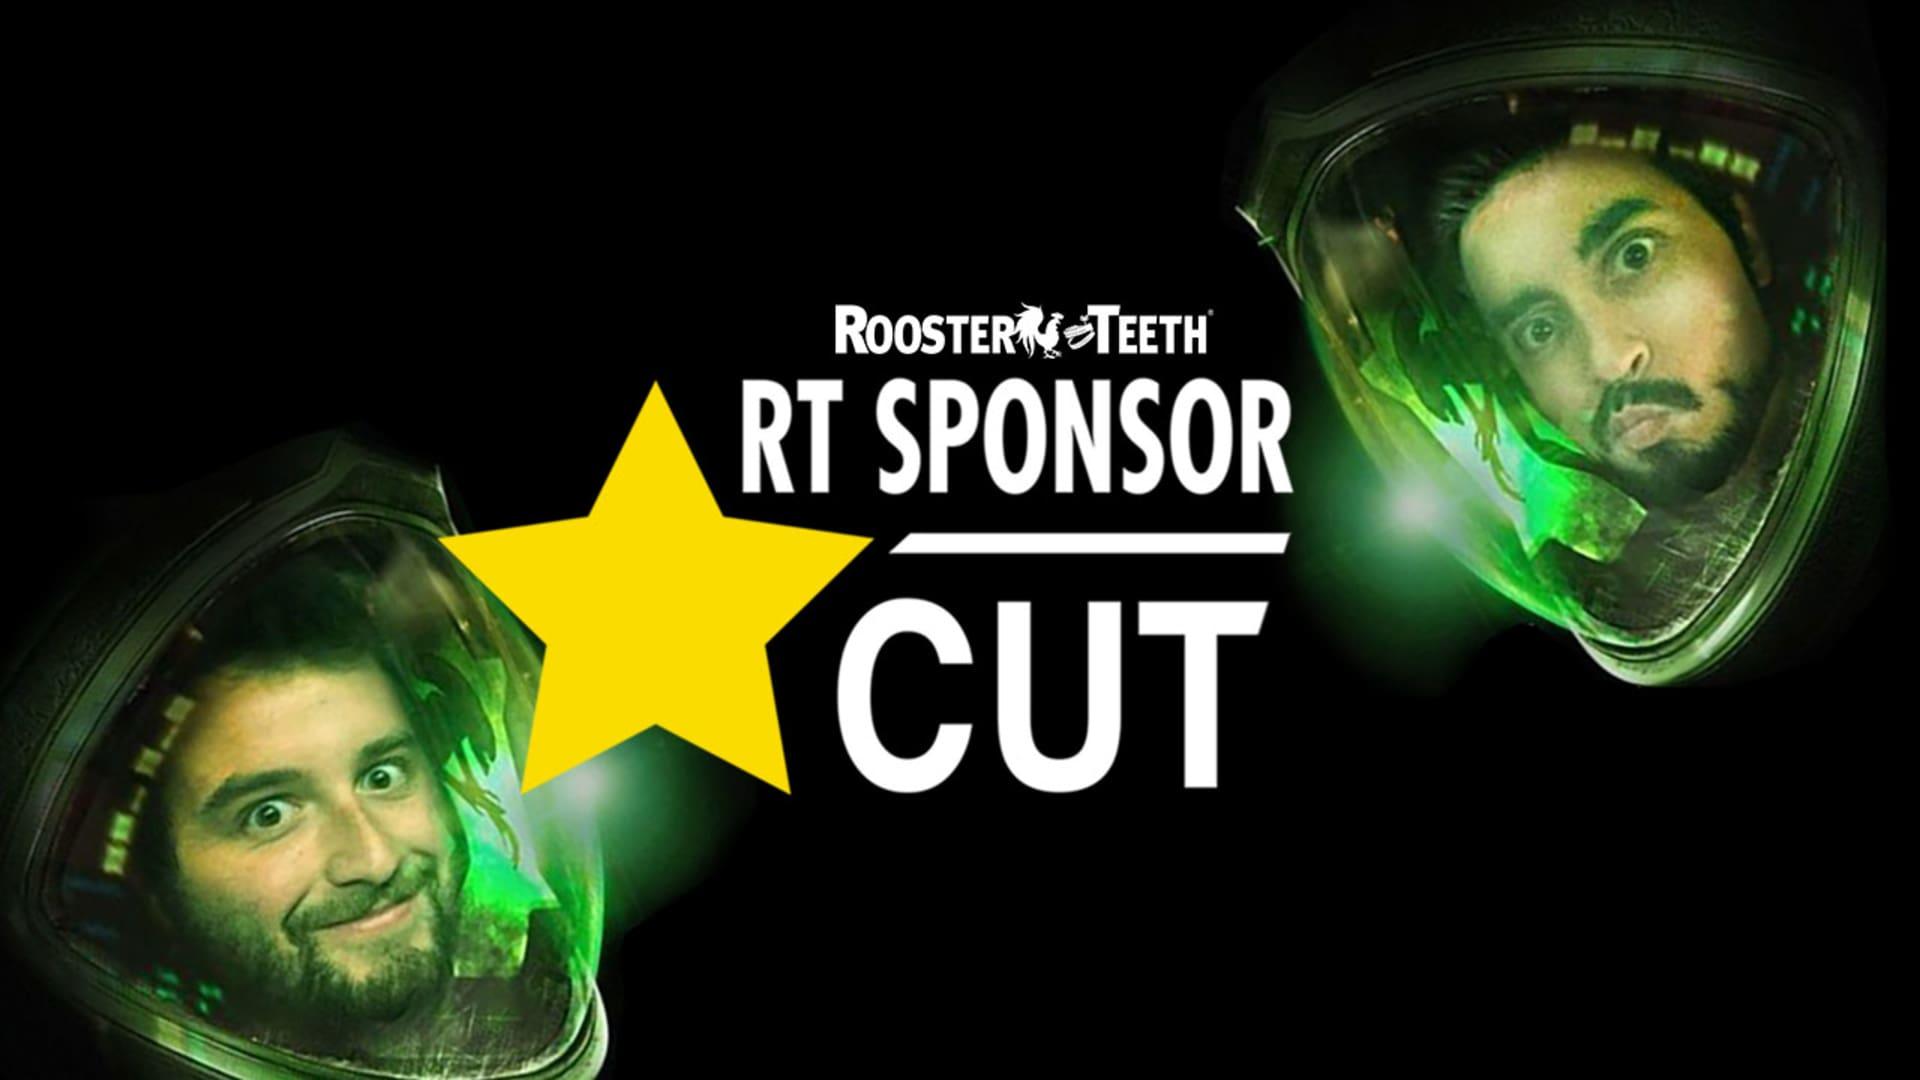 series rt sponsor cut rooster teeth